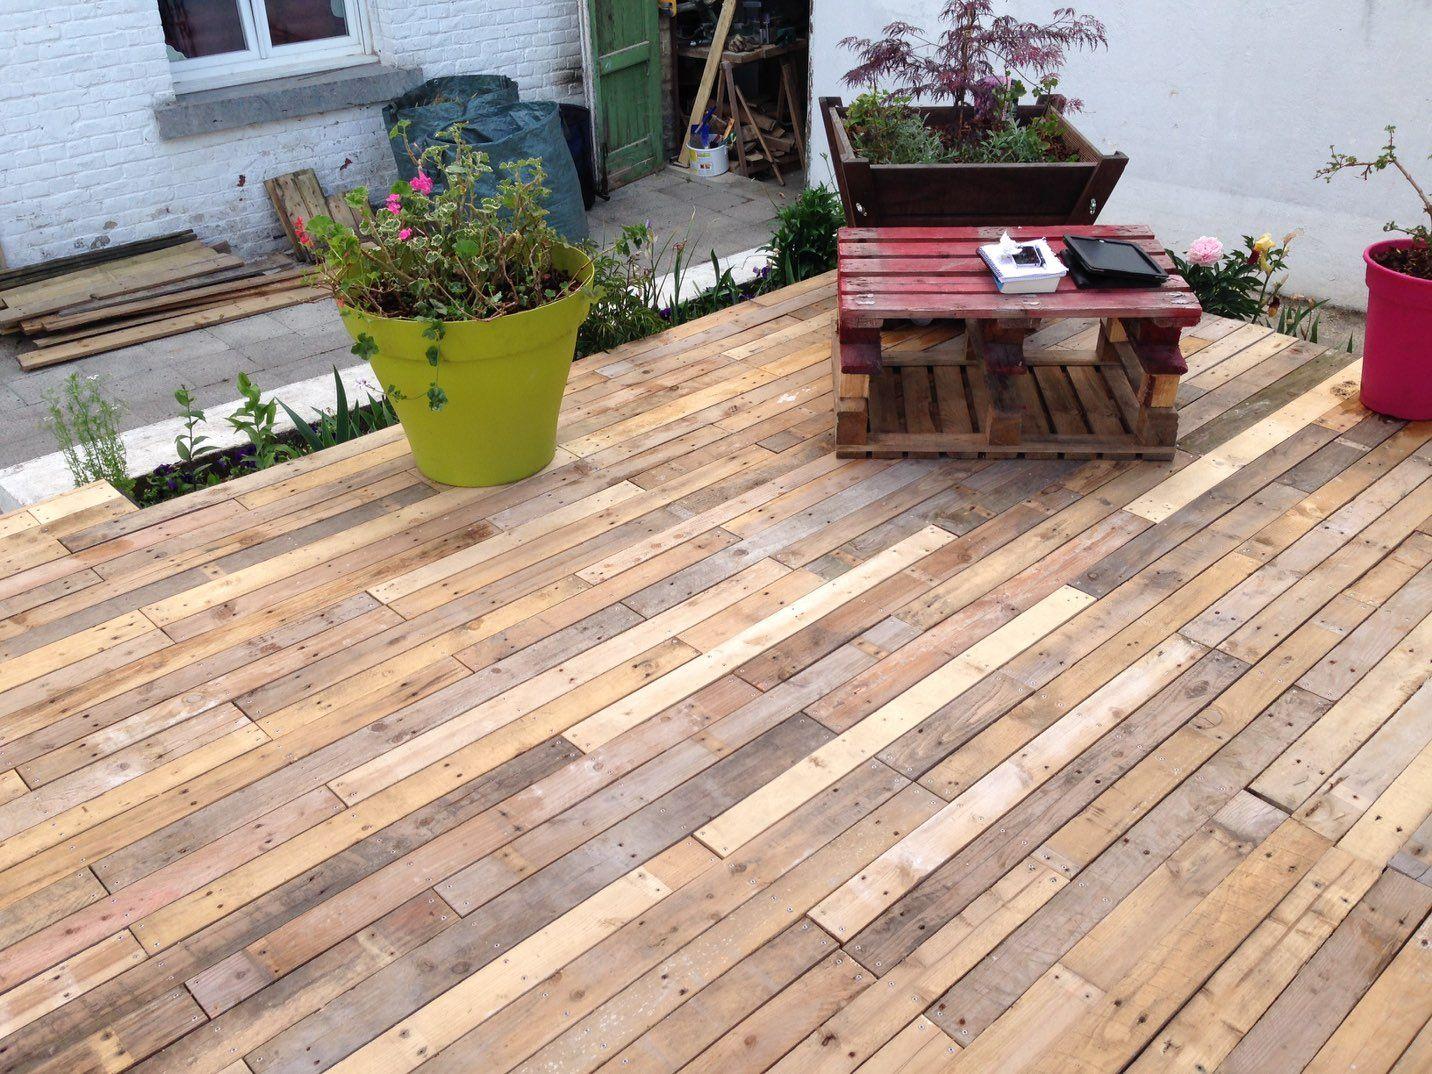 Combien De Palette Pour Faire Une Terrasse terrasse avec planches de palettes. beau résultat. palets